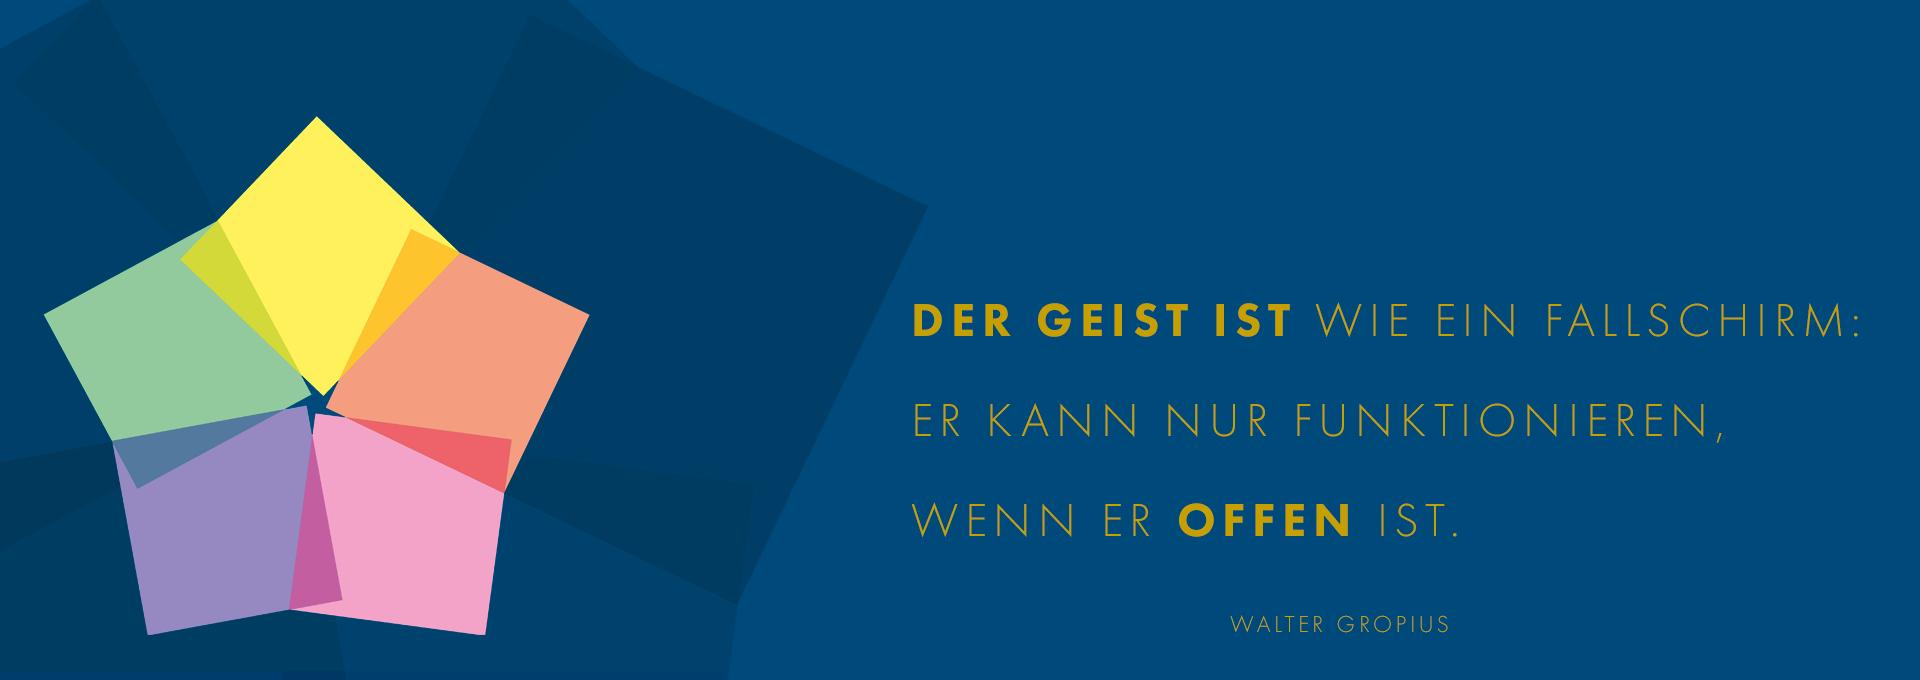 DER GEIST IST WIE EIN FALLSCHIRM: ER KANN NUR FUNKTIONIEREN,  WENN ER OFFEN IST. | Spielereien mit Pantone Color of the Year 2020